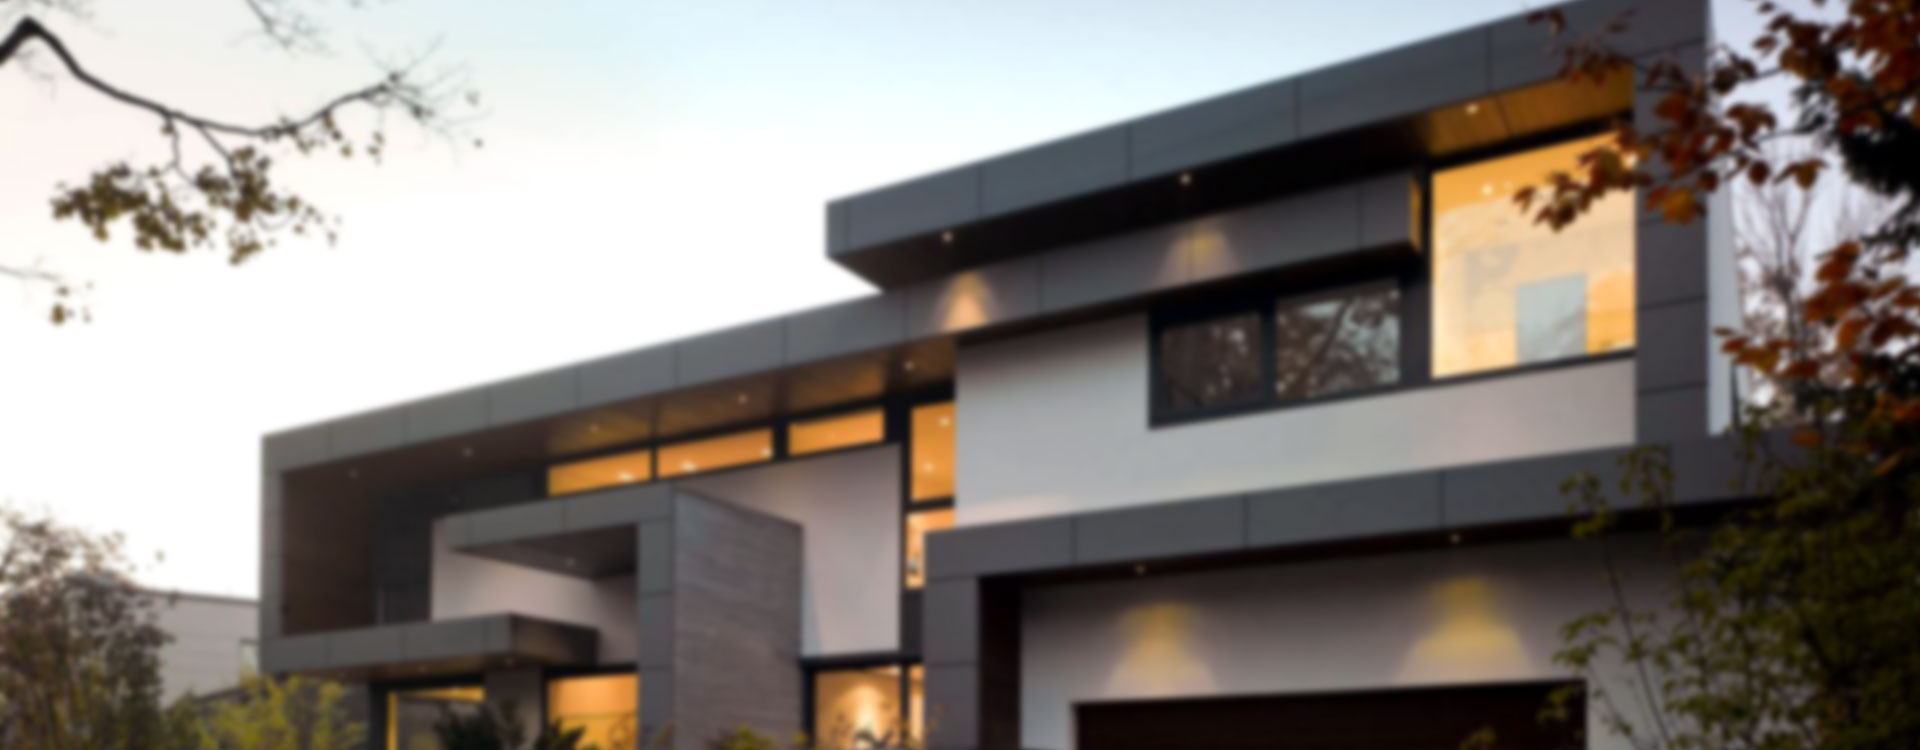 Uw Smart Home van A tot Z